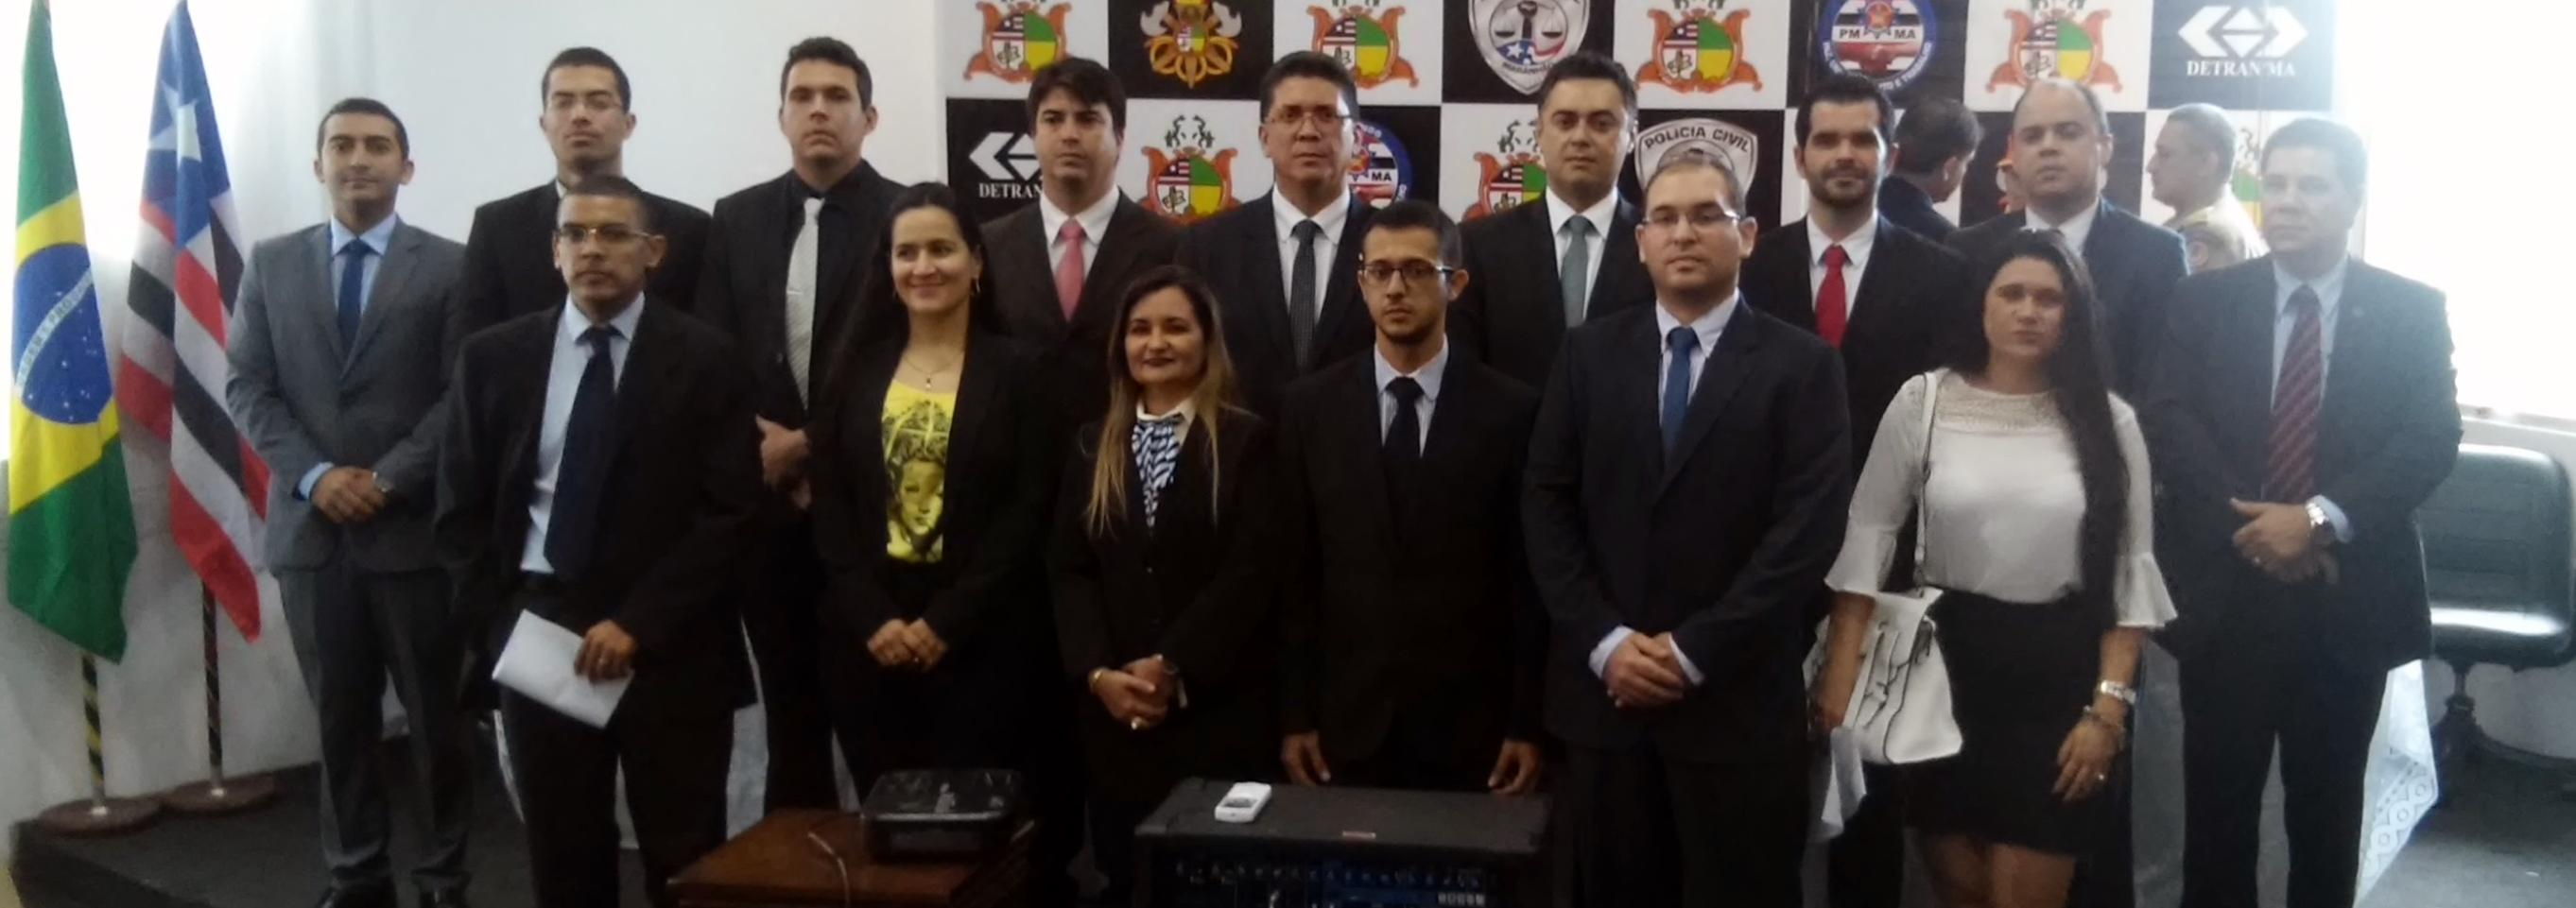 Secretário de Estado de Segurança Pública empossa novos delegados